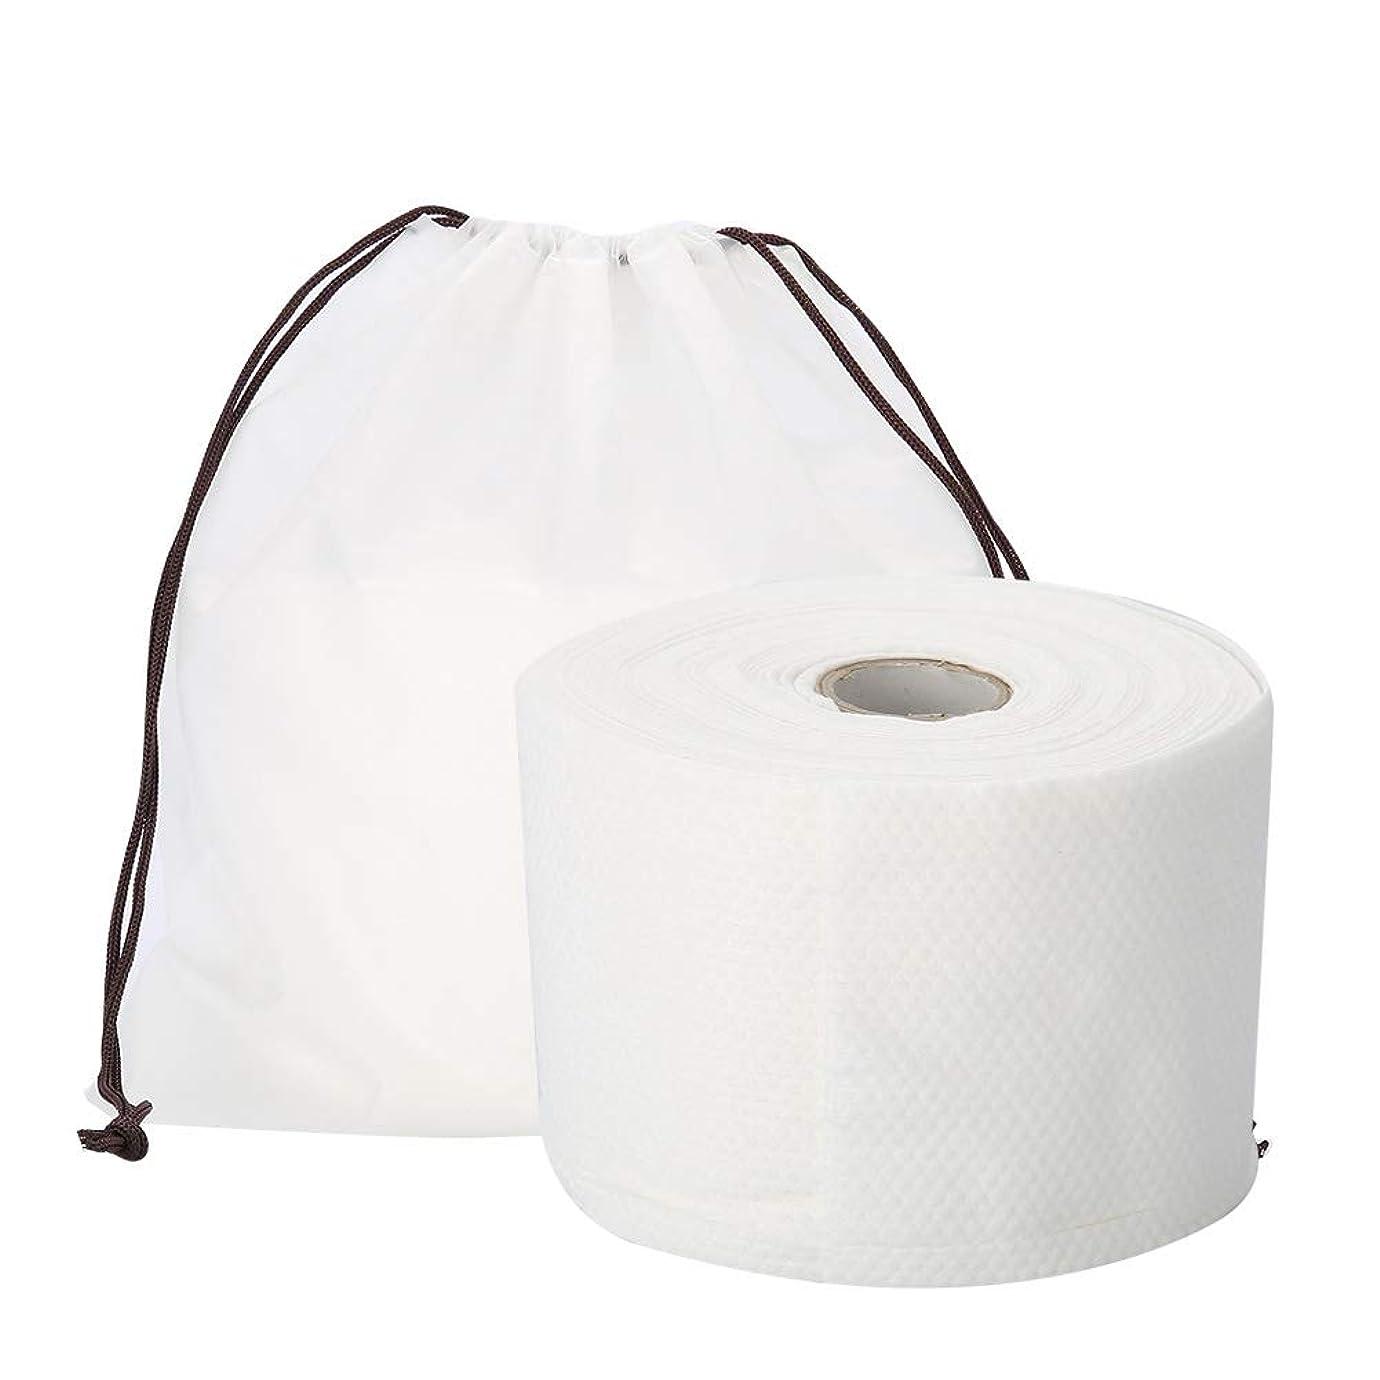 更新する永久にアカウントSemmeの使い捨て可能なクリーニングのフェイスタオル、毛羽立ちのない綿パッドの構造使い捨て可能なフェイスタオルの柔らかいNonwovenのクリーニングの化粧品の綿パッド25m